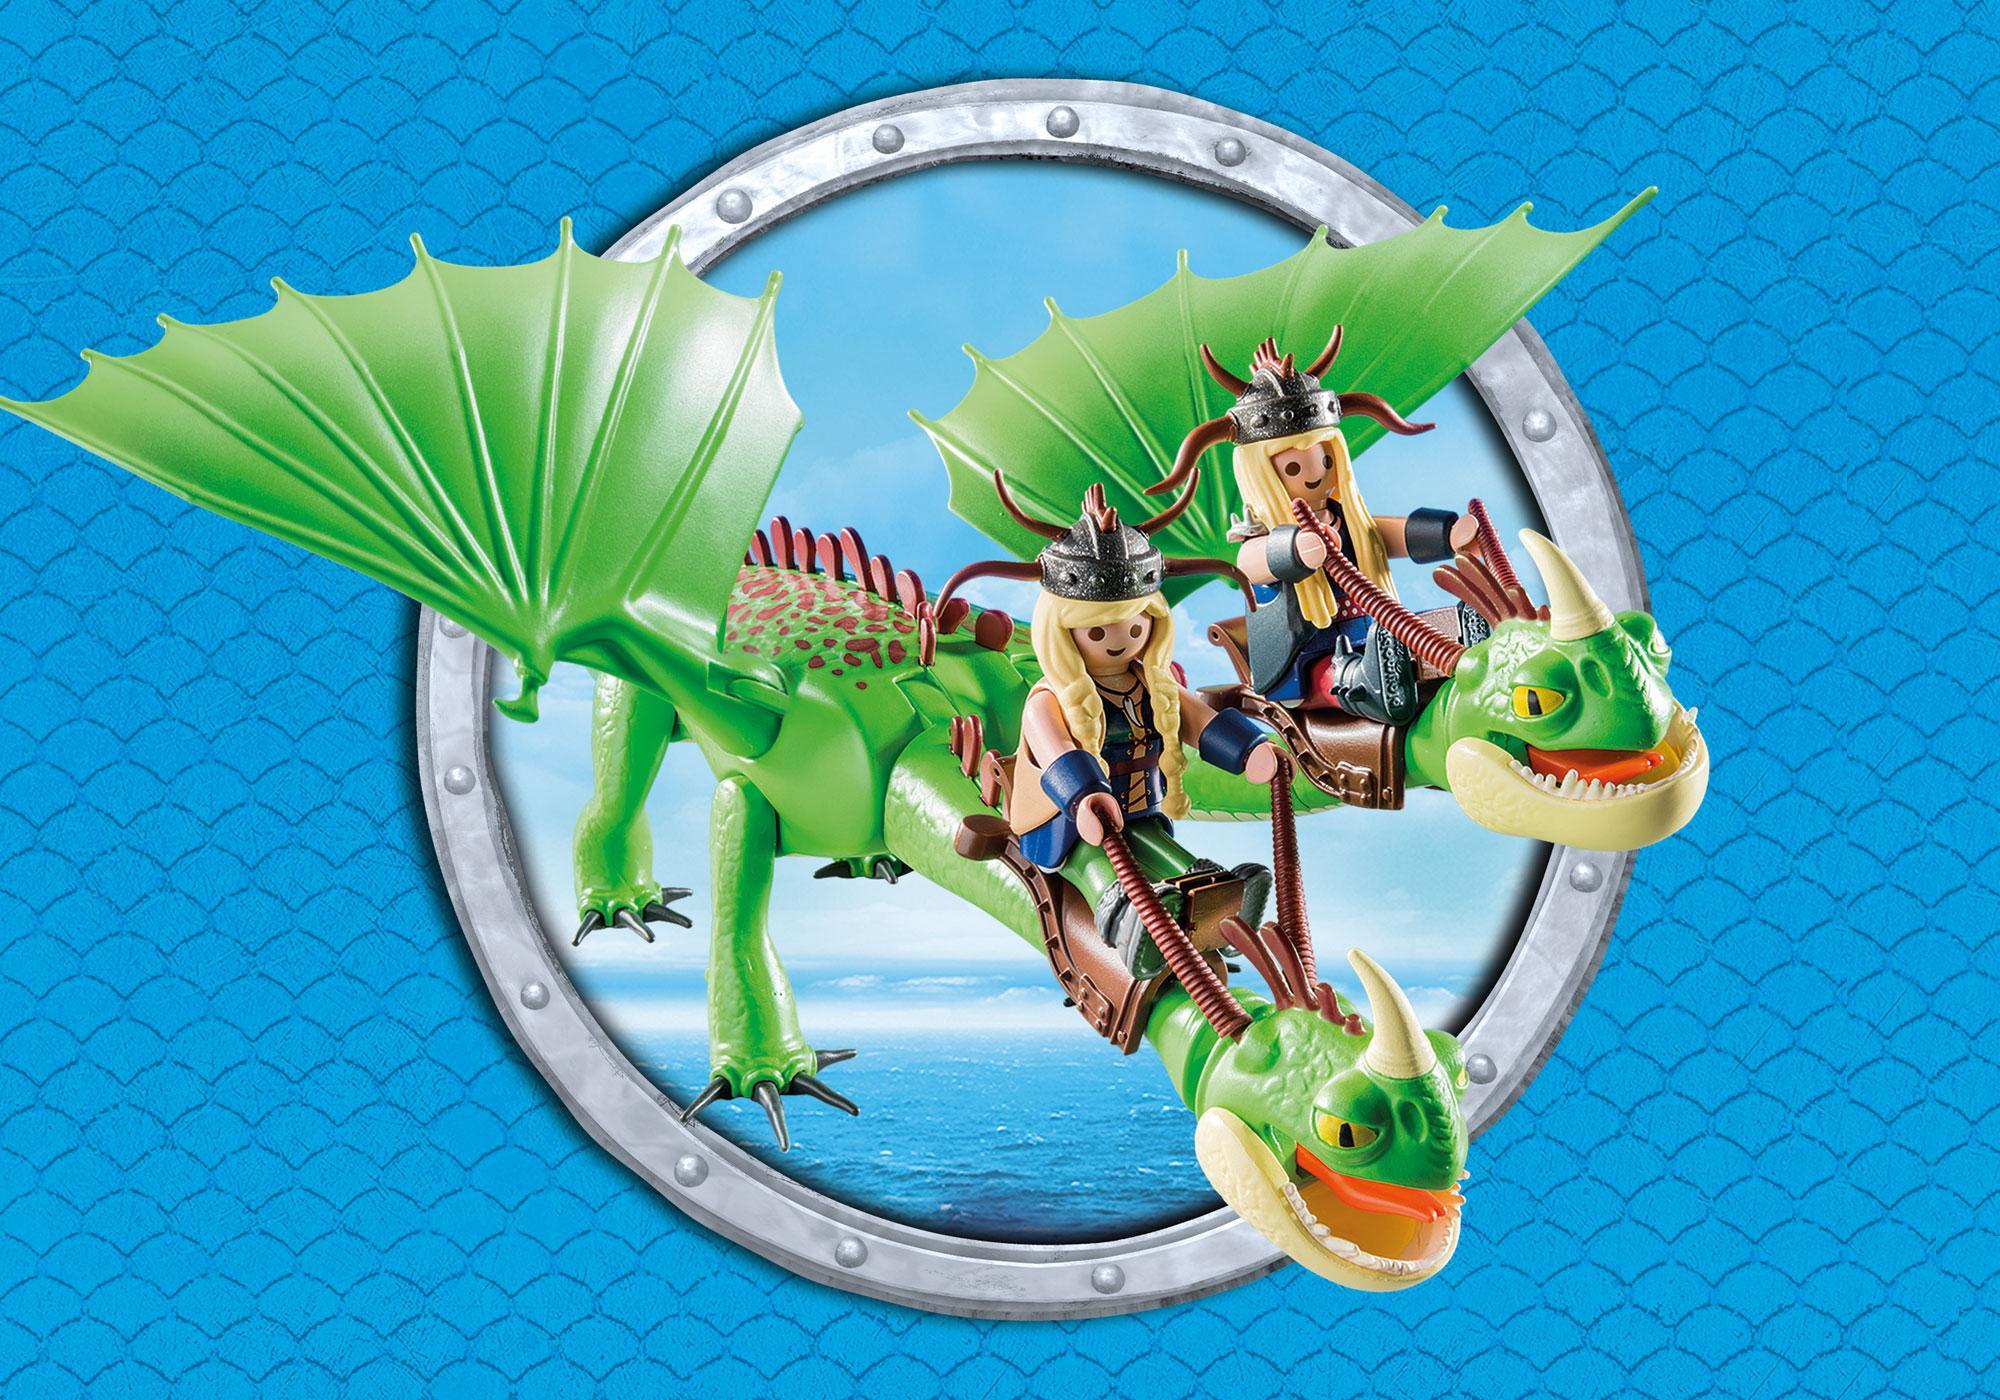 http://media.playmobil.com/i/playmobil/9458_product_extra5/Brokdol & Knokdol met Burp & Braak